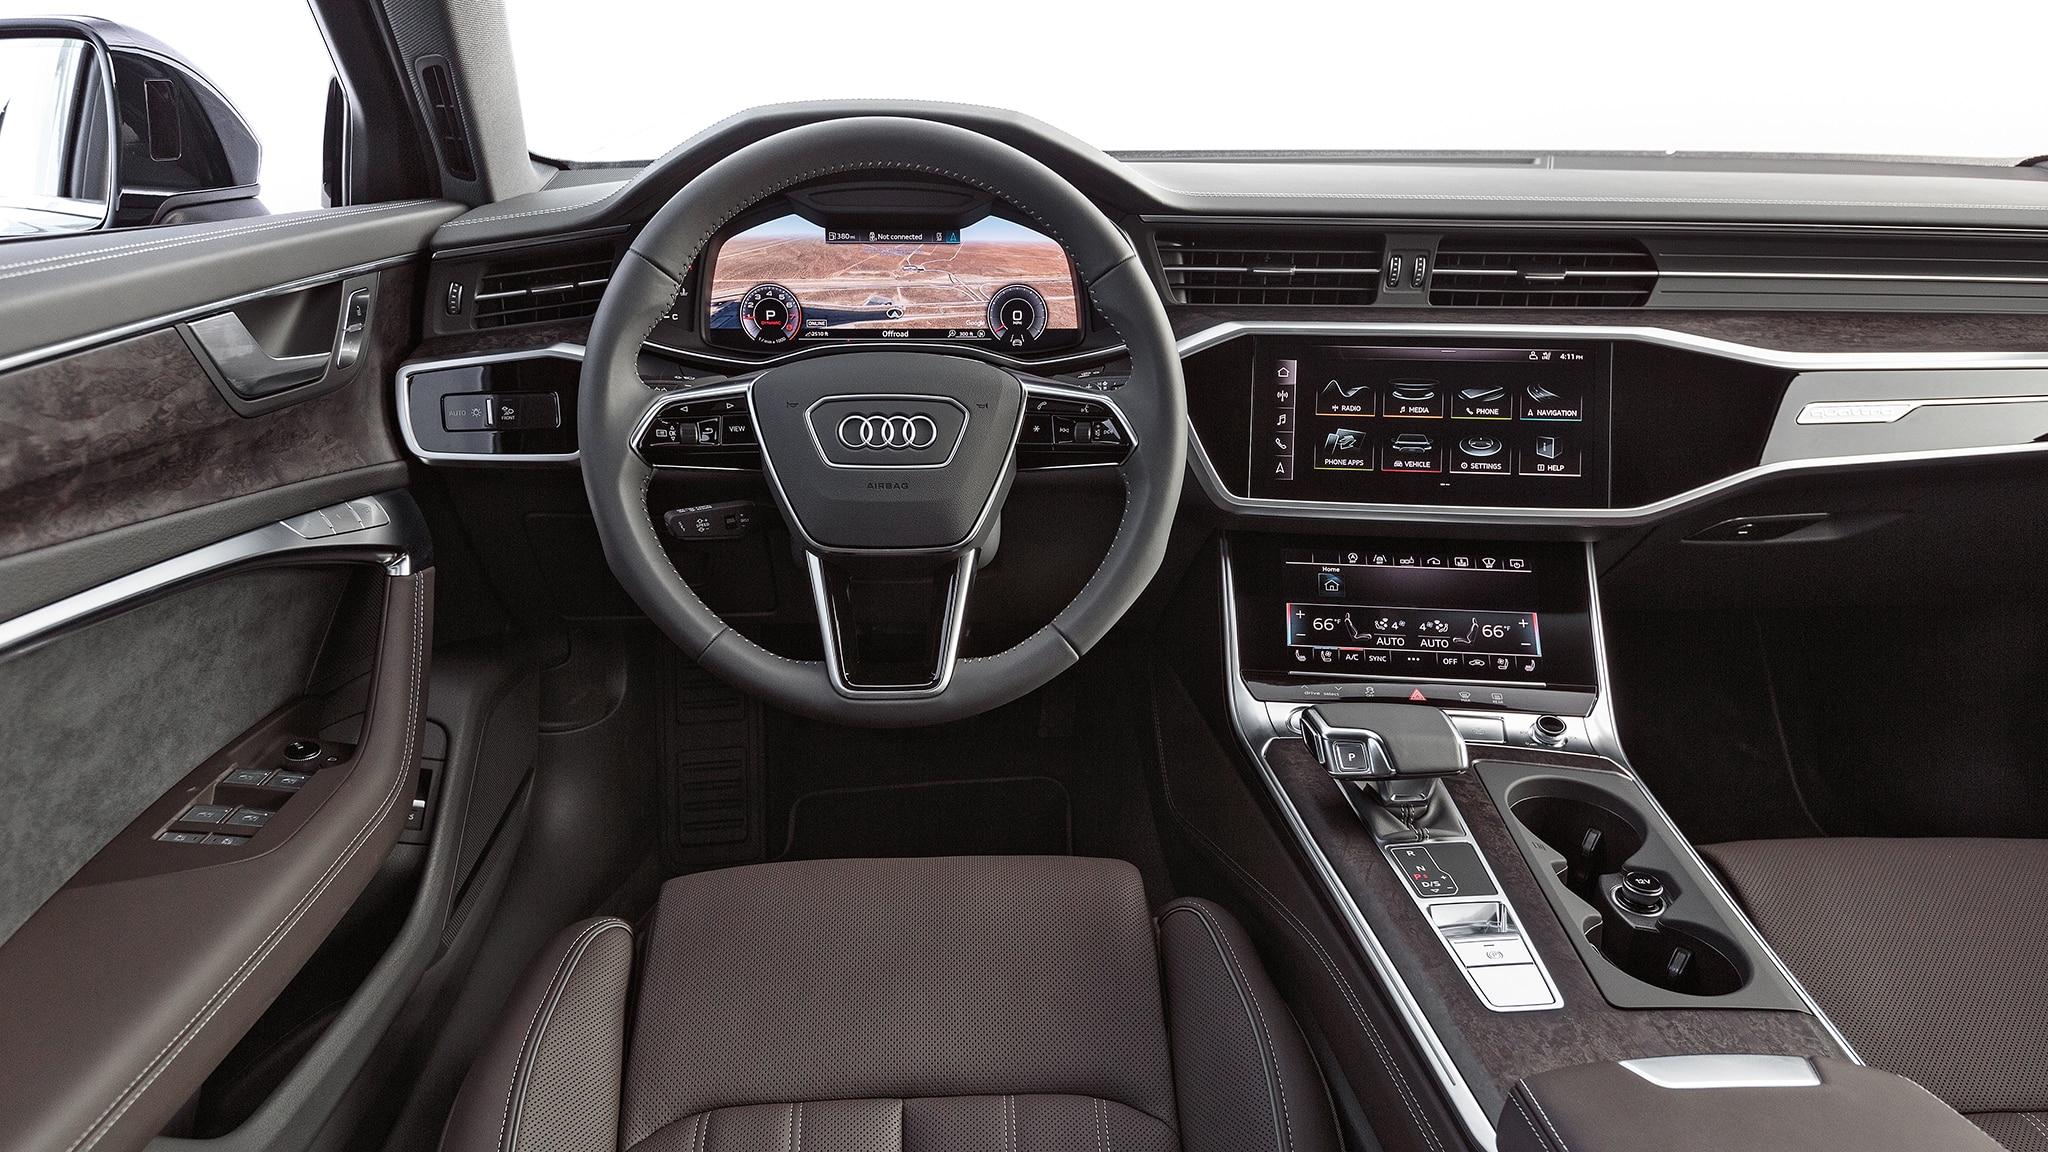 2019 Audi A6 3 0t Quattro Dashboard Motor Trend En Español